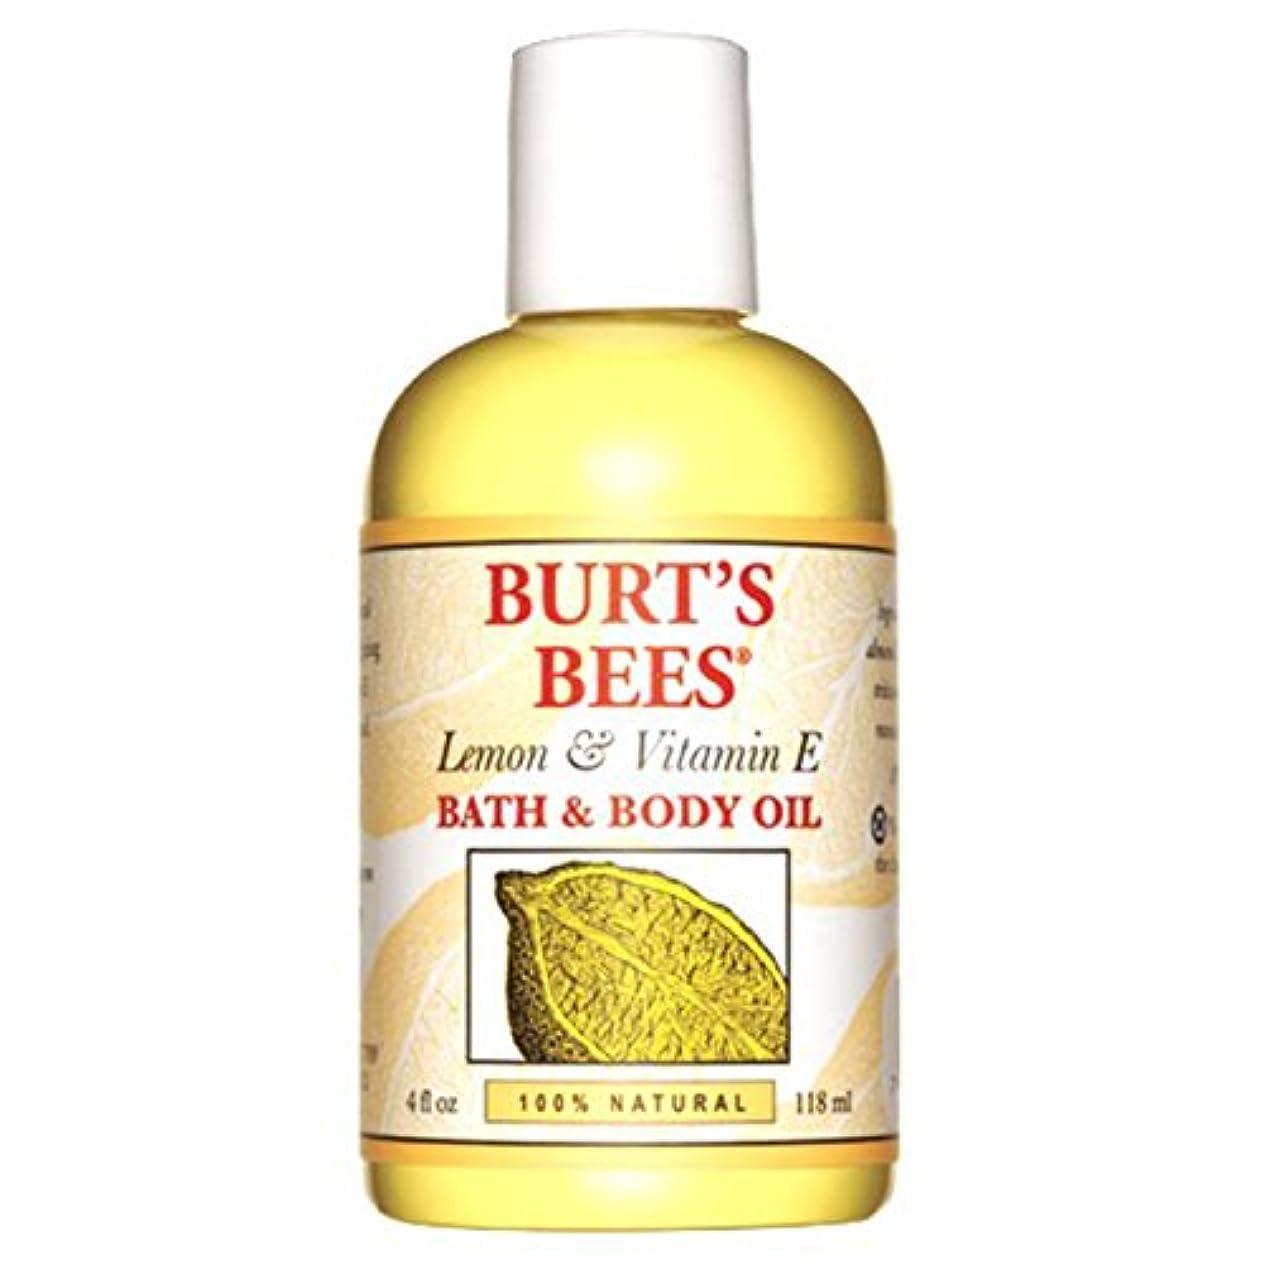 権利を与える置くためにパックアレルギーバーツビーズ (Burt's Bees) L&E バス&ボディオイル 118ml